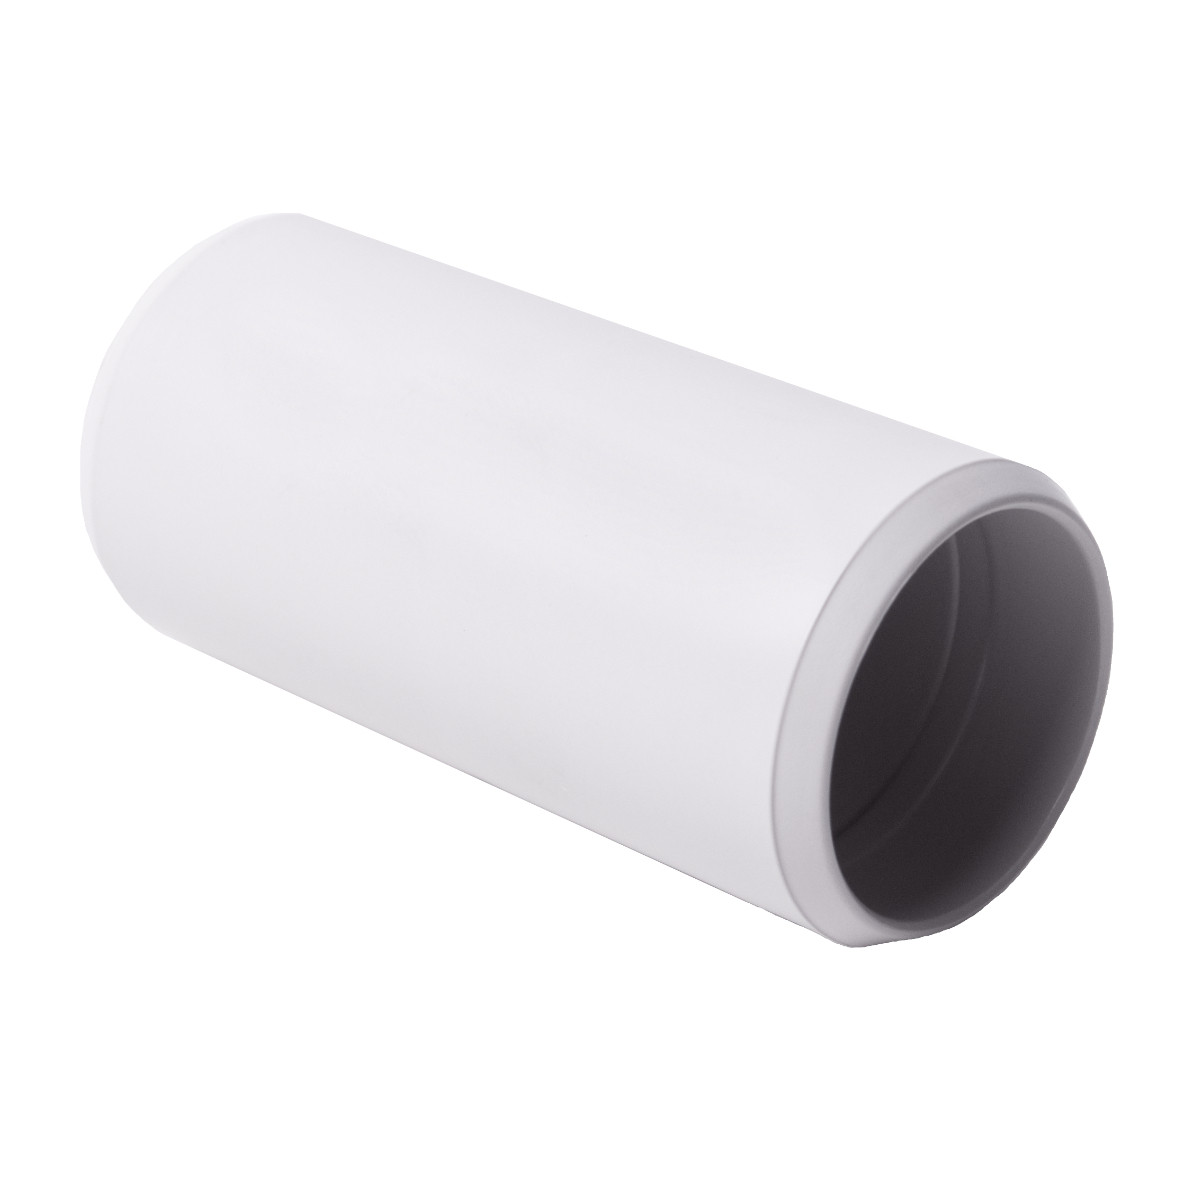 Муфта з'єднувальна для труби 50 мм; Ø50мм; полікарбонат; безгалогенна; t застосування -45-90 °с; світло-сіра; Упаковка 10 шт